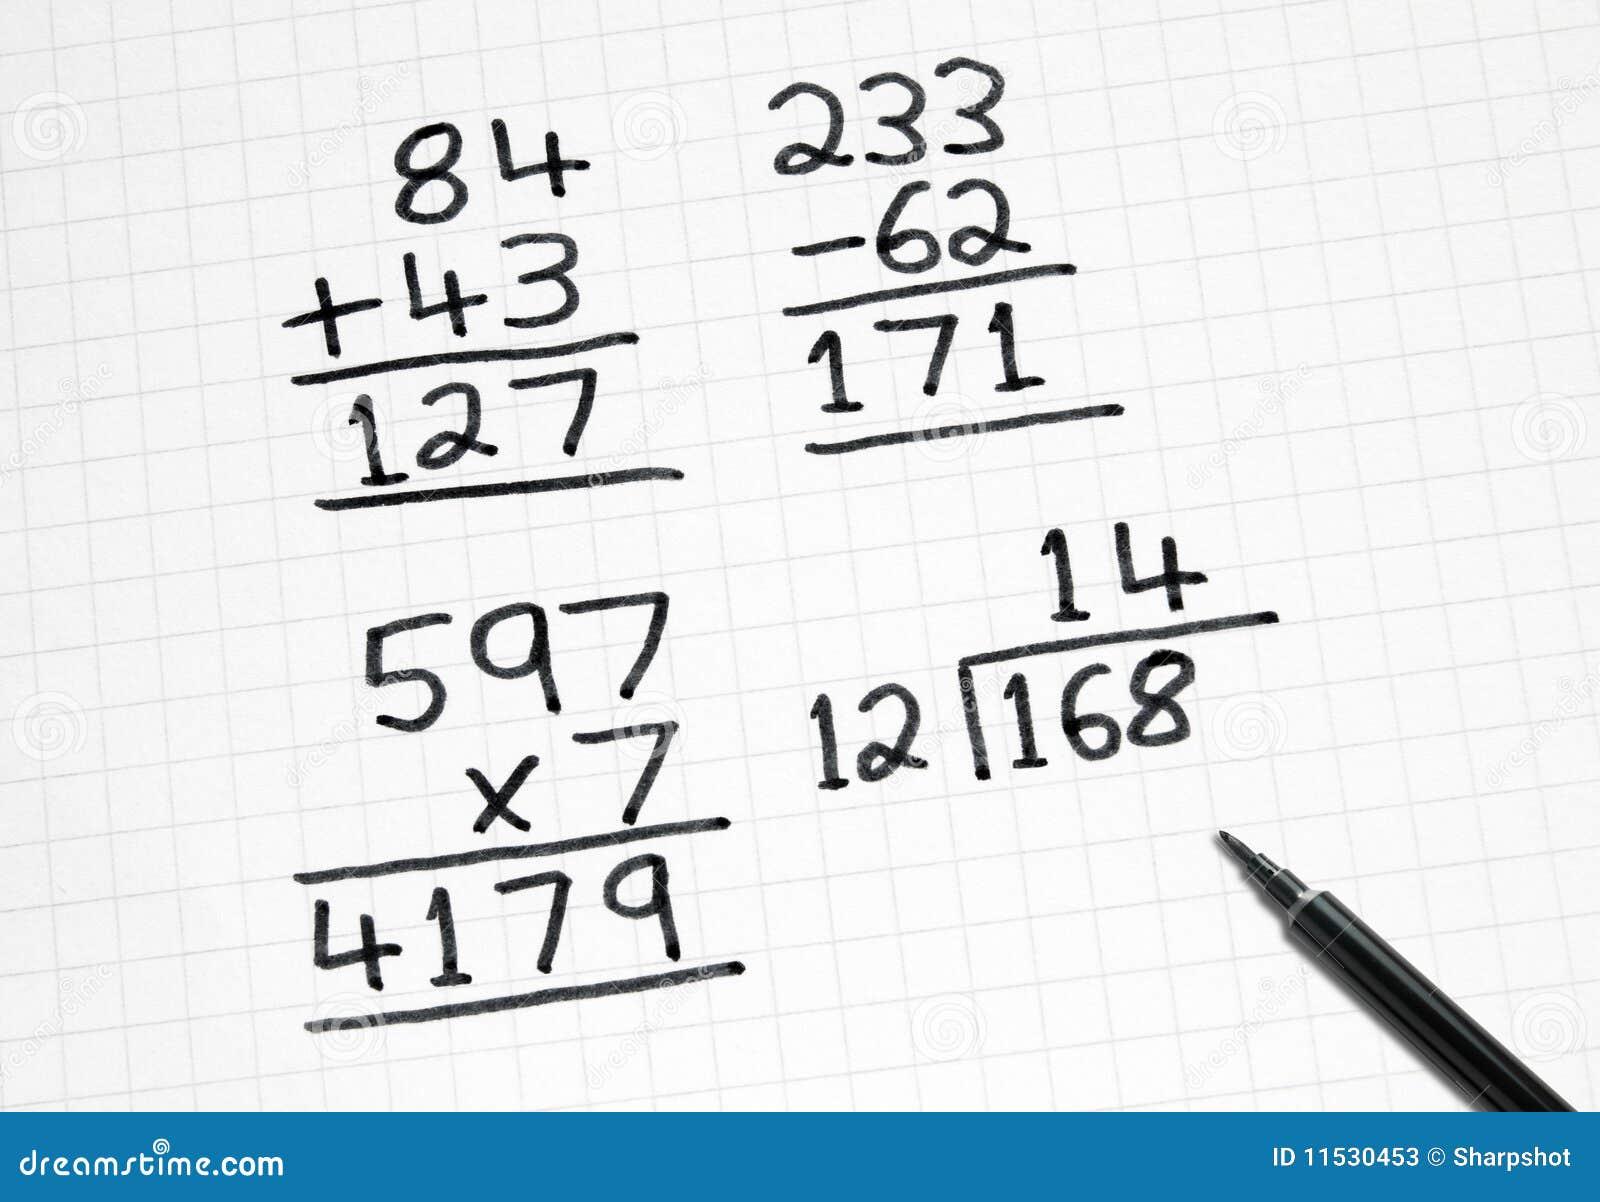 Писание просто сумм математик на квадратной бумаге.